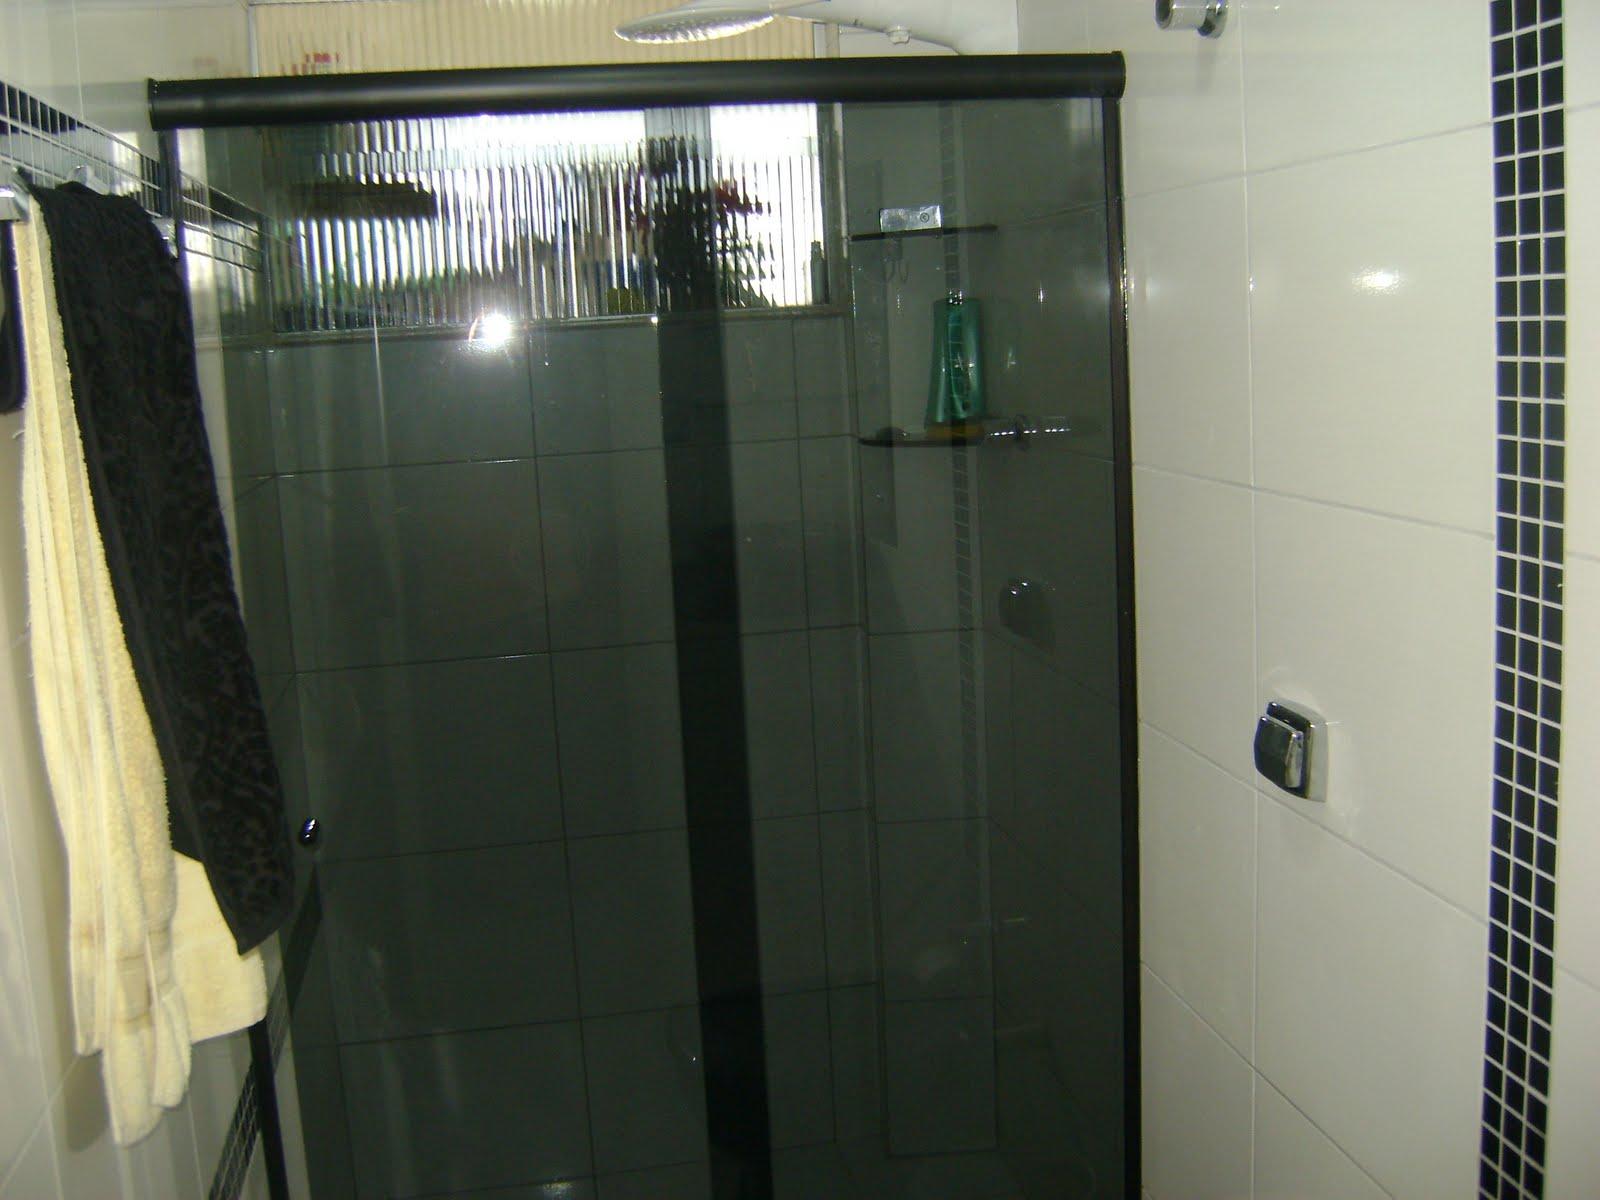 Imagens de #7B7850 Bazar do Alumínio: BOX BLINDEX PARA BANHEIRO CONFIRA NOSSOS  1600x1200 px 3484 Blindex Para Banheiro Rj